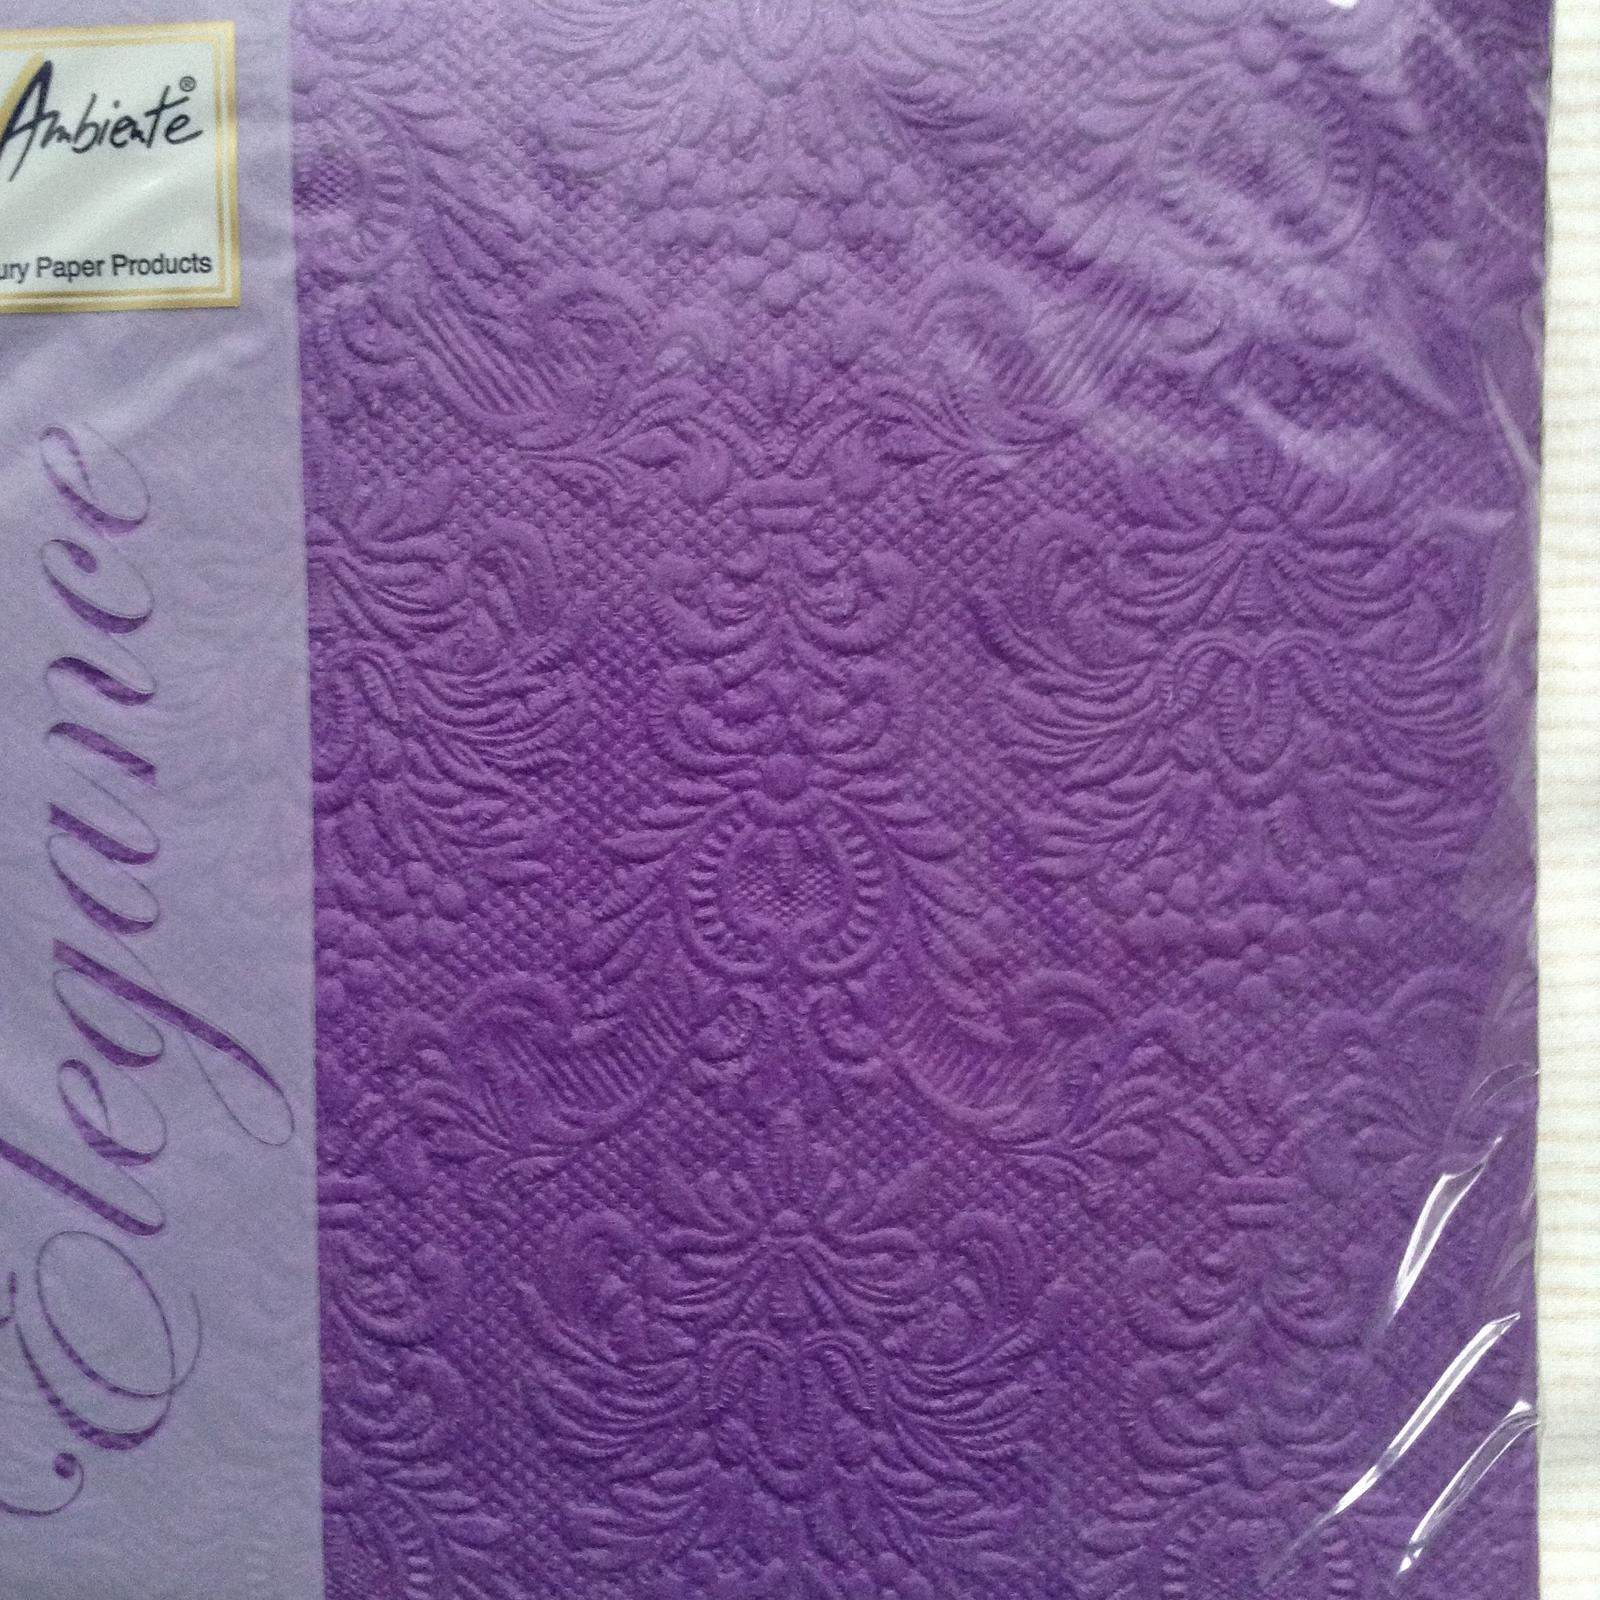 Luxusné servítky z netkanej textílie  - Obrázok č. 1